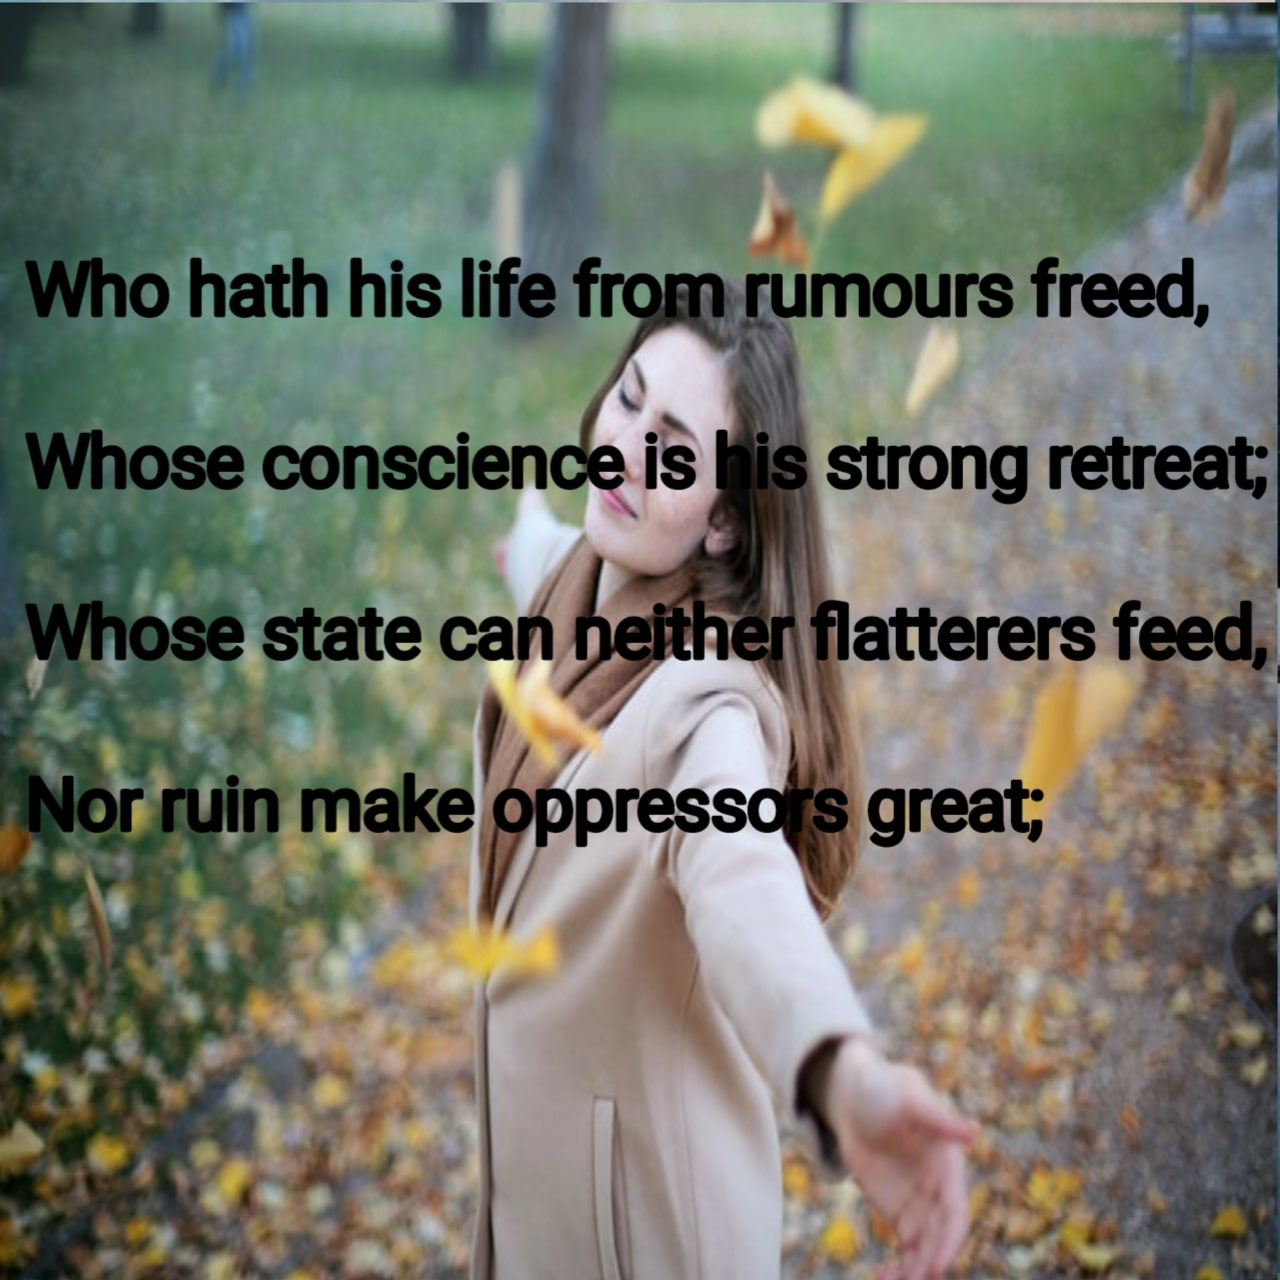 Poem rhymes